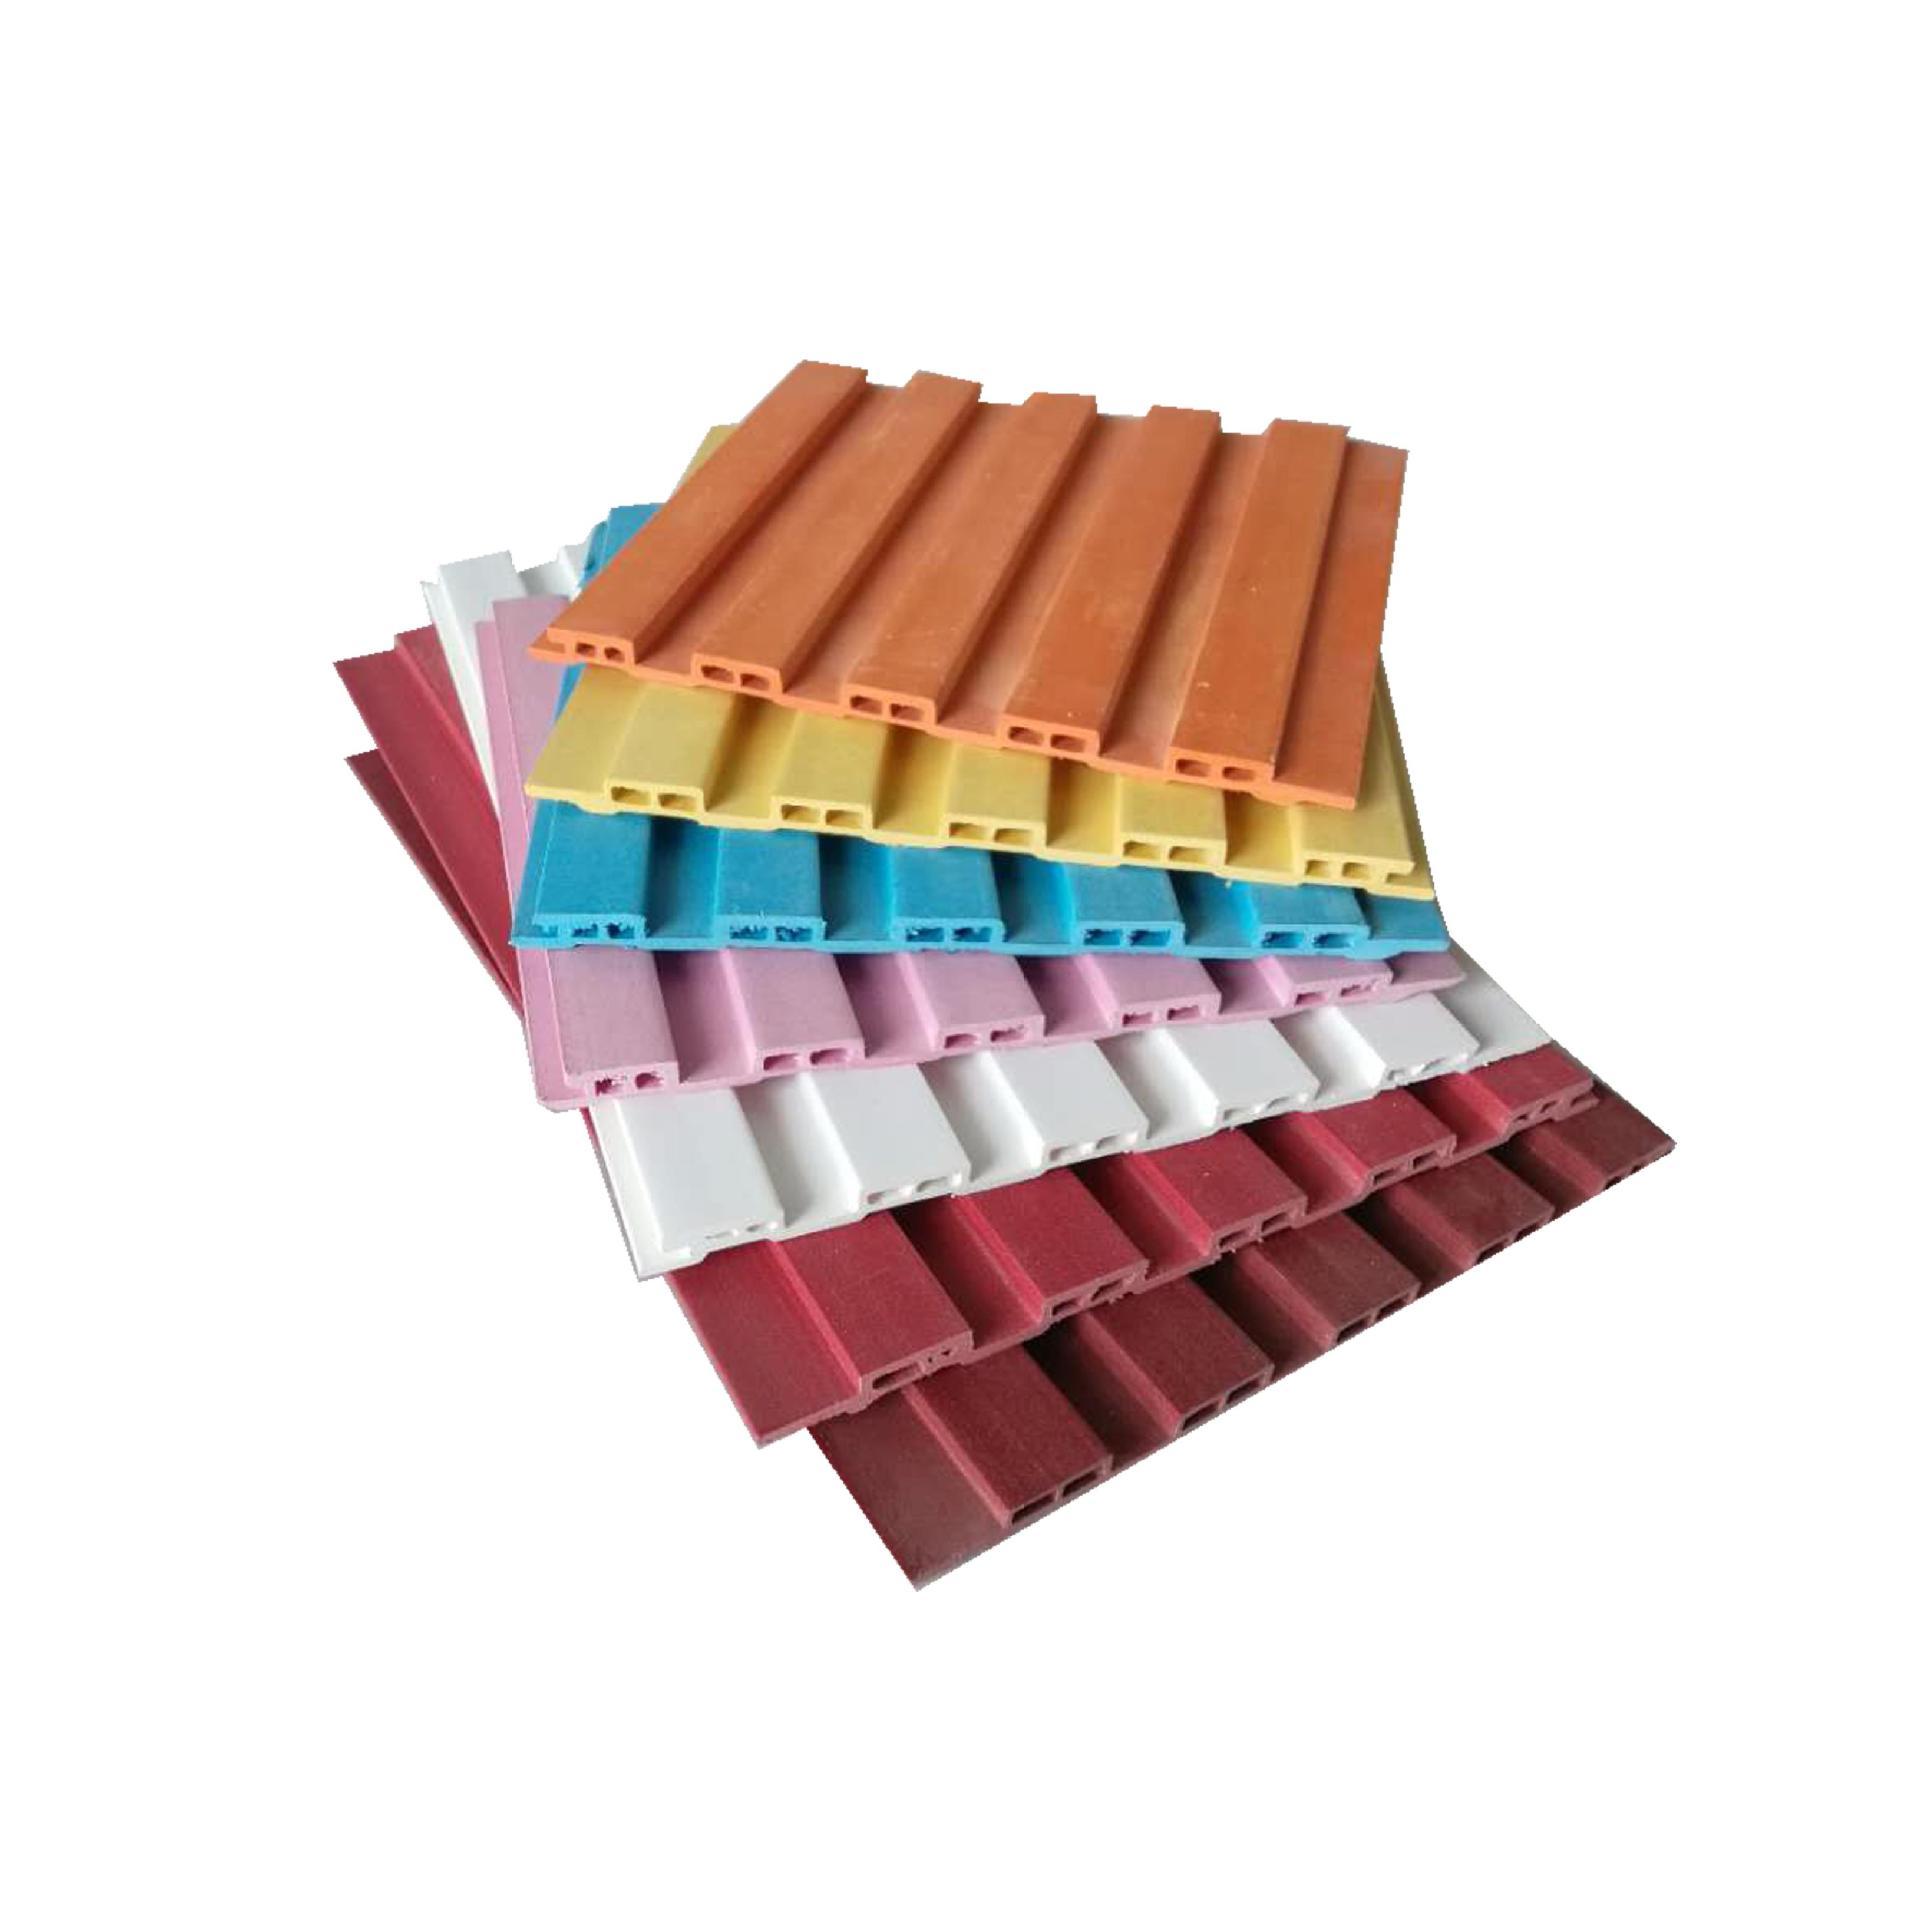 Ván trang trí Nhà máy gỗ sinh thái bán hàng trực tiếp PVC trang trí bảng màu 150 bảng nhỏ tường tích